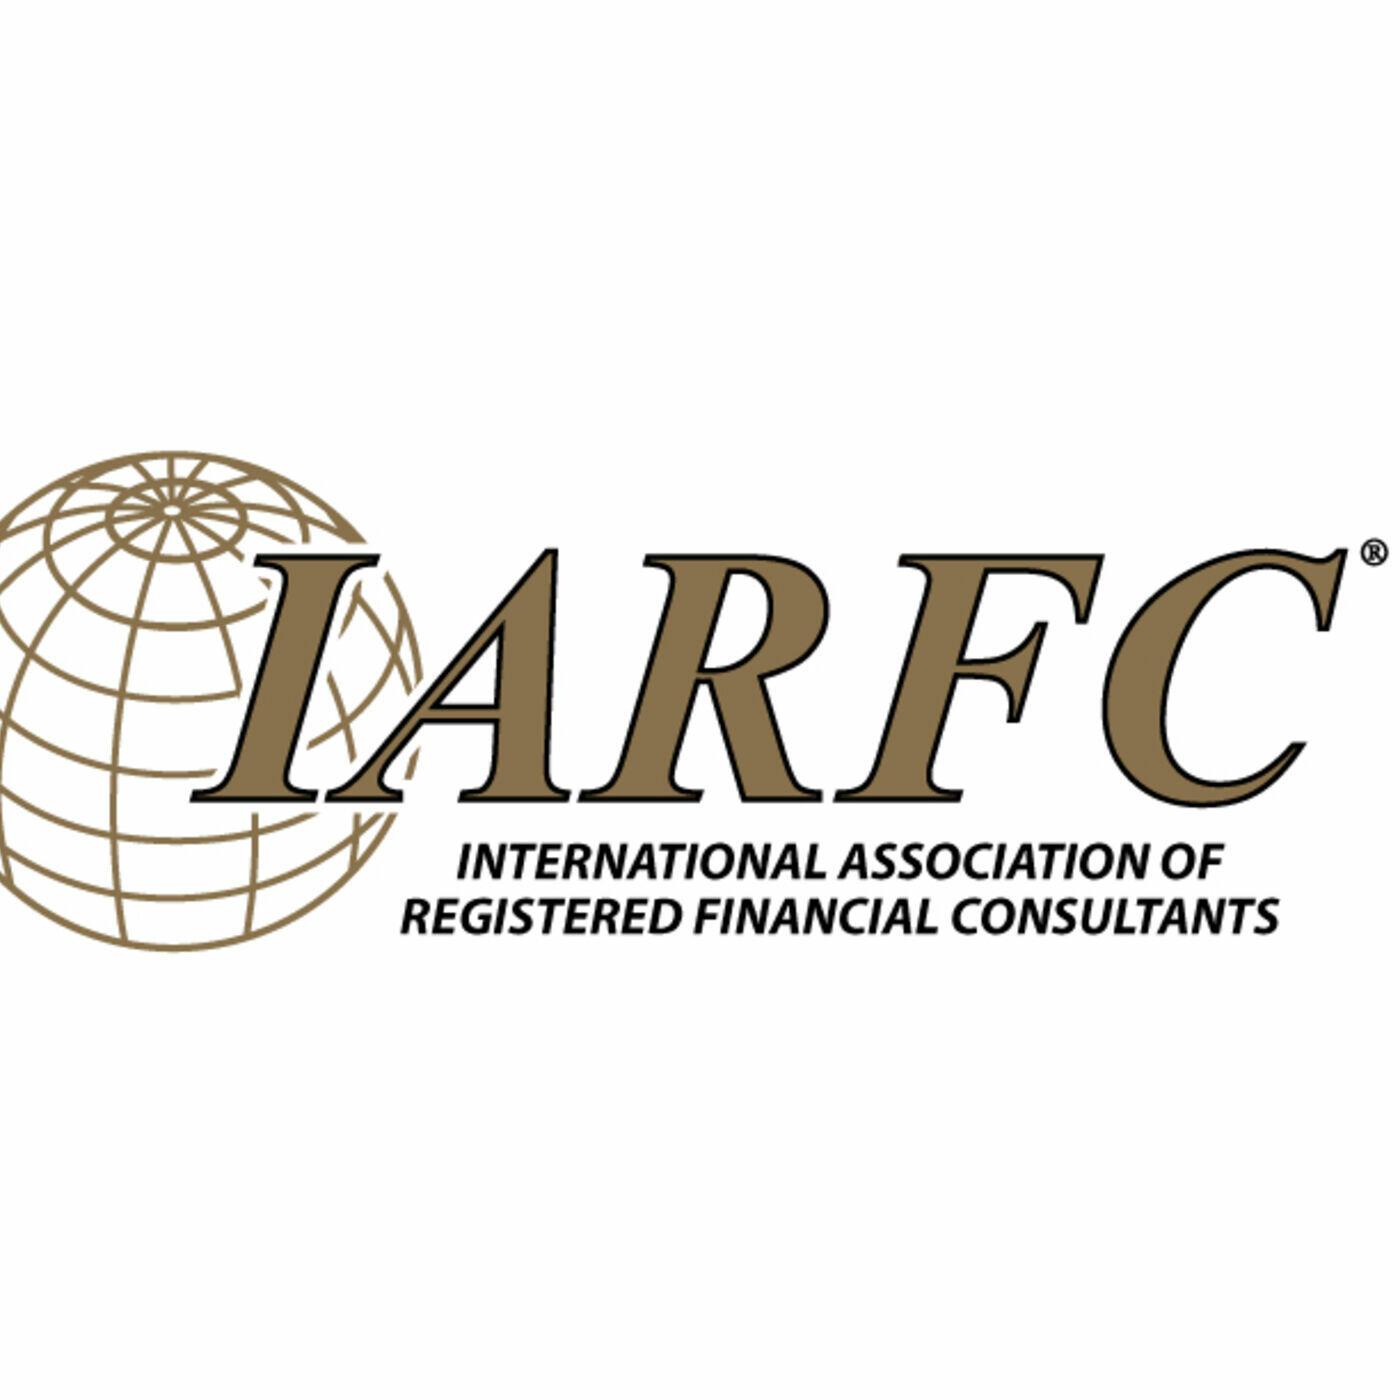 IARFC's Podcast